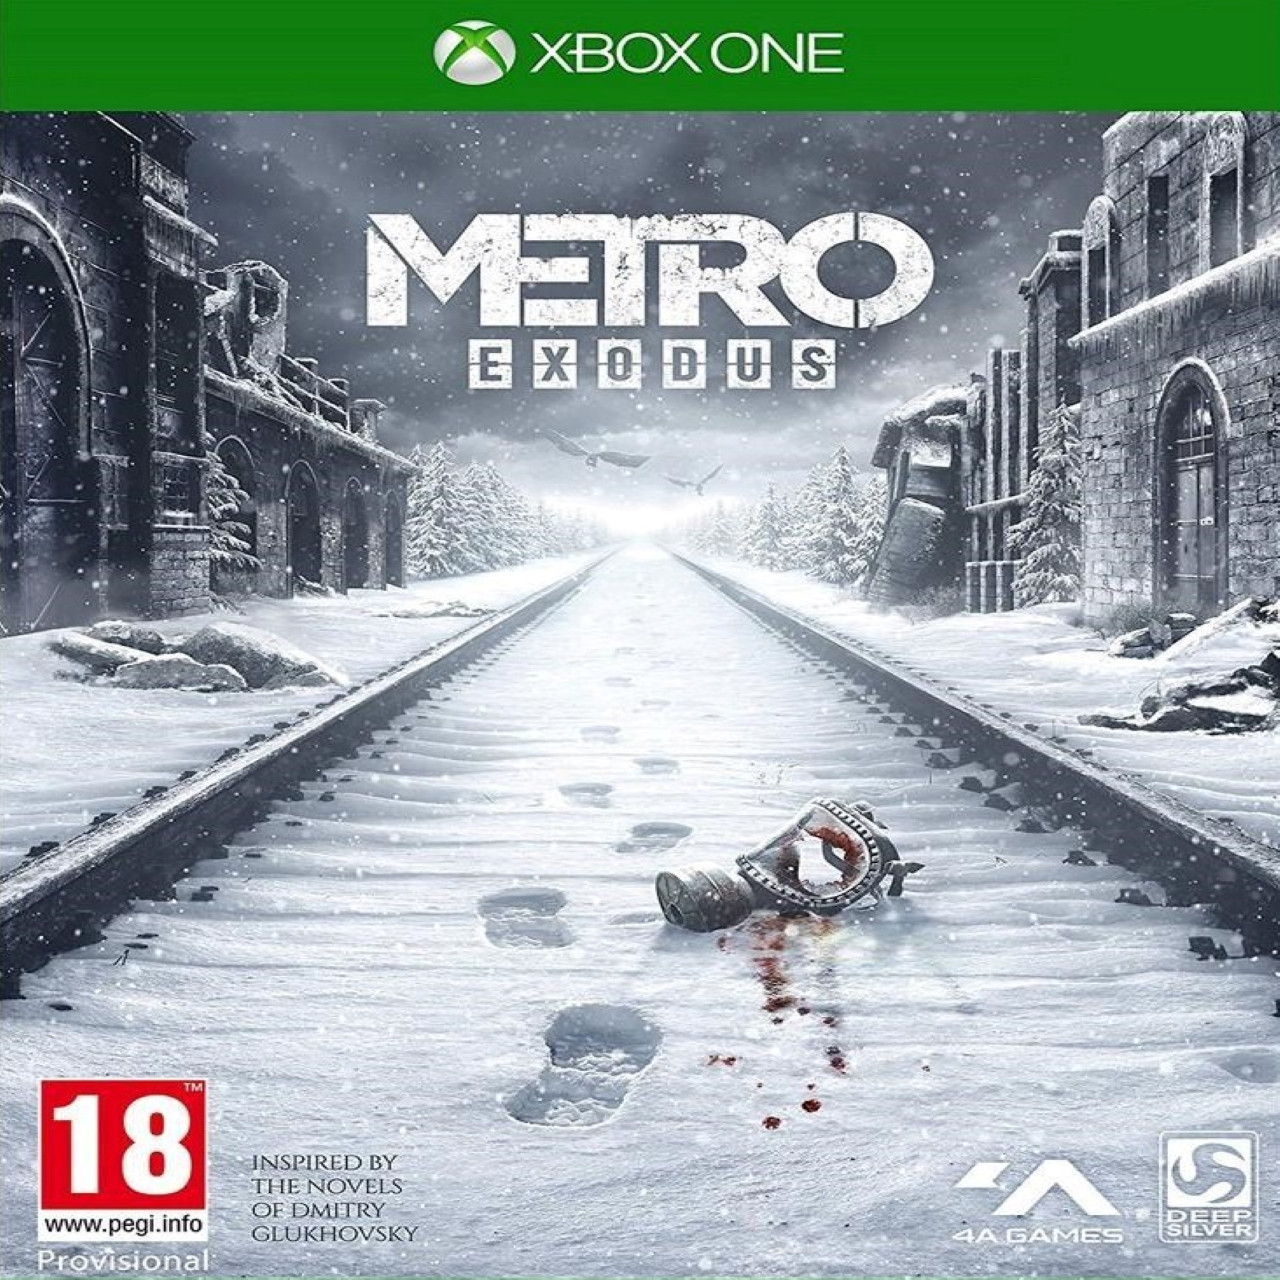 Metro Exodus RUS Xbox One (NEW)